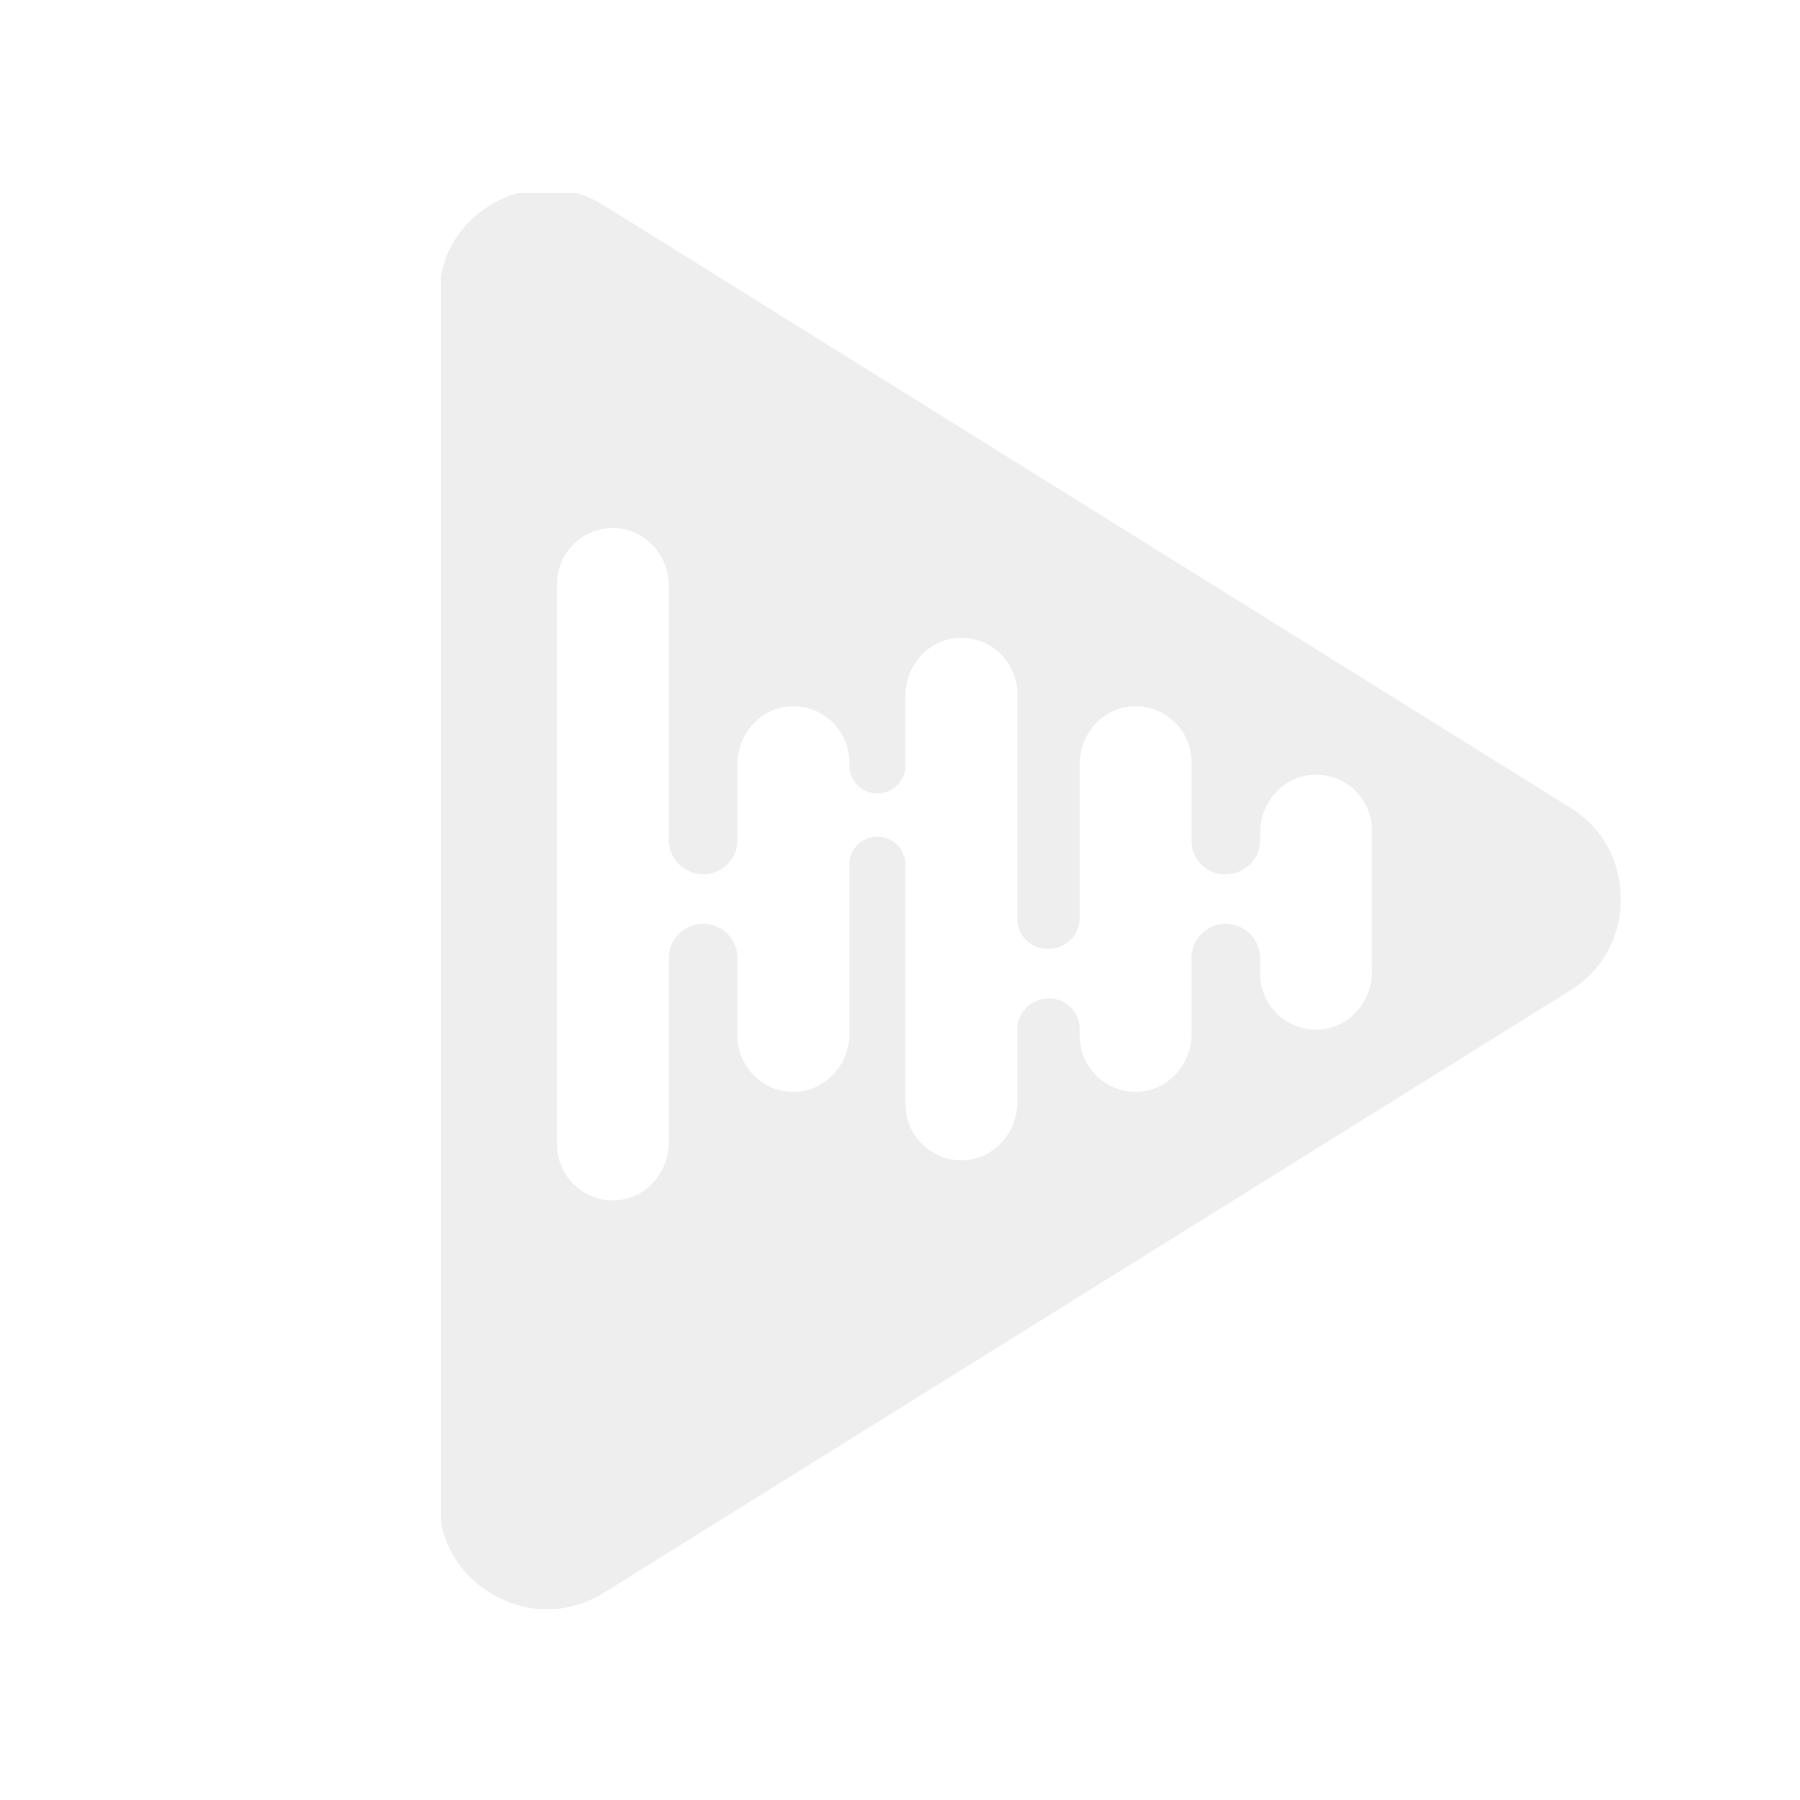 Canton DM 75 - Hvit